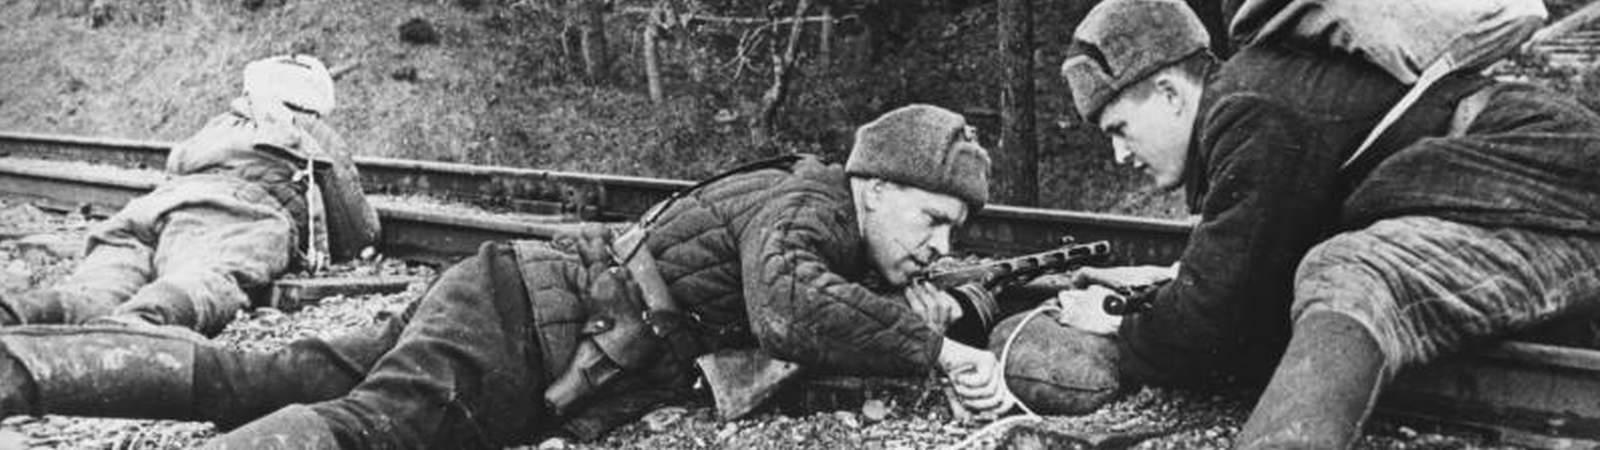 Воины Великой Отечественной войны